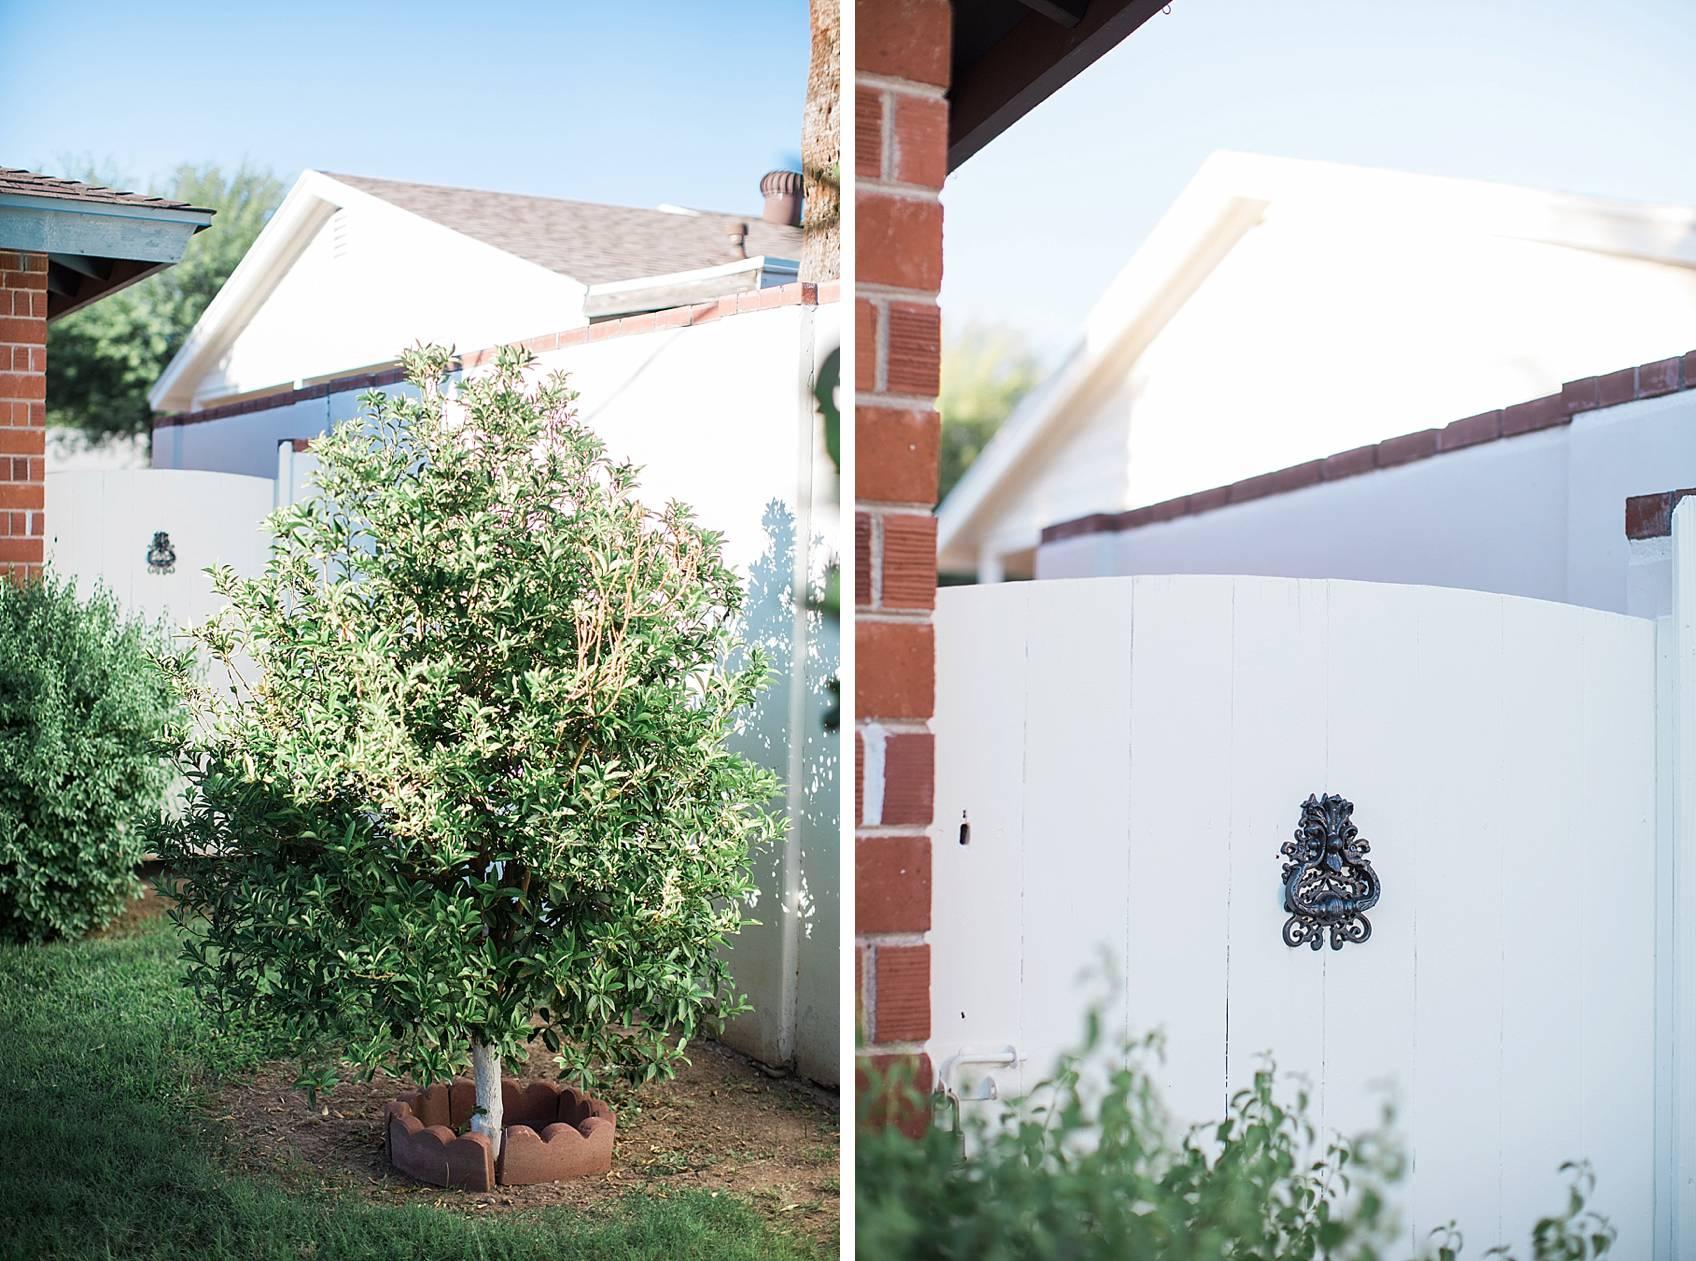 phoenix home garden blogger diana Elizabeth's garden kumquat tree by the white gate